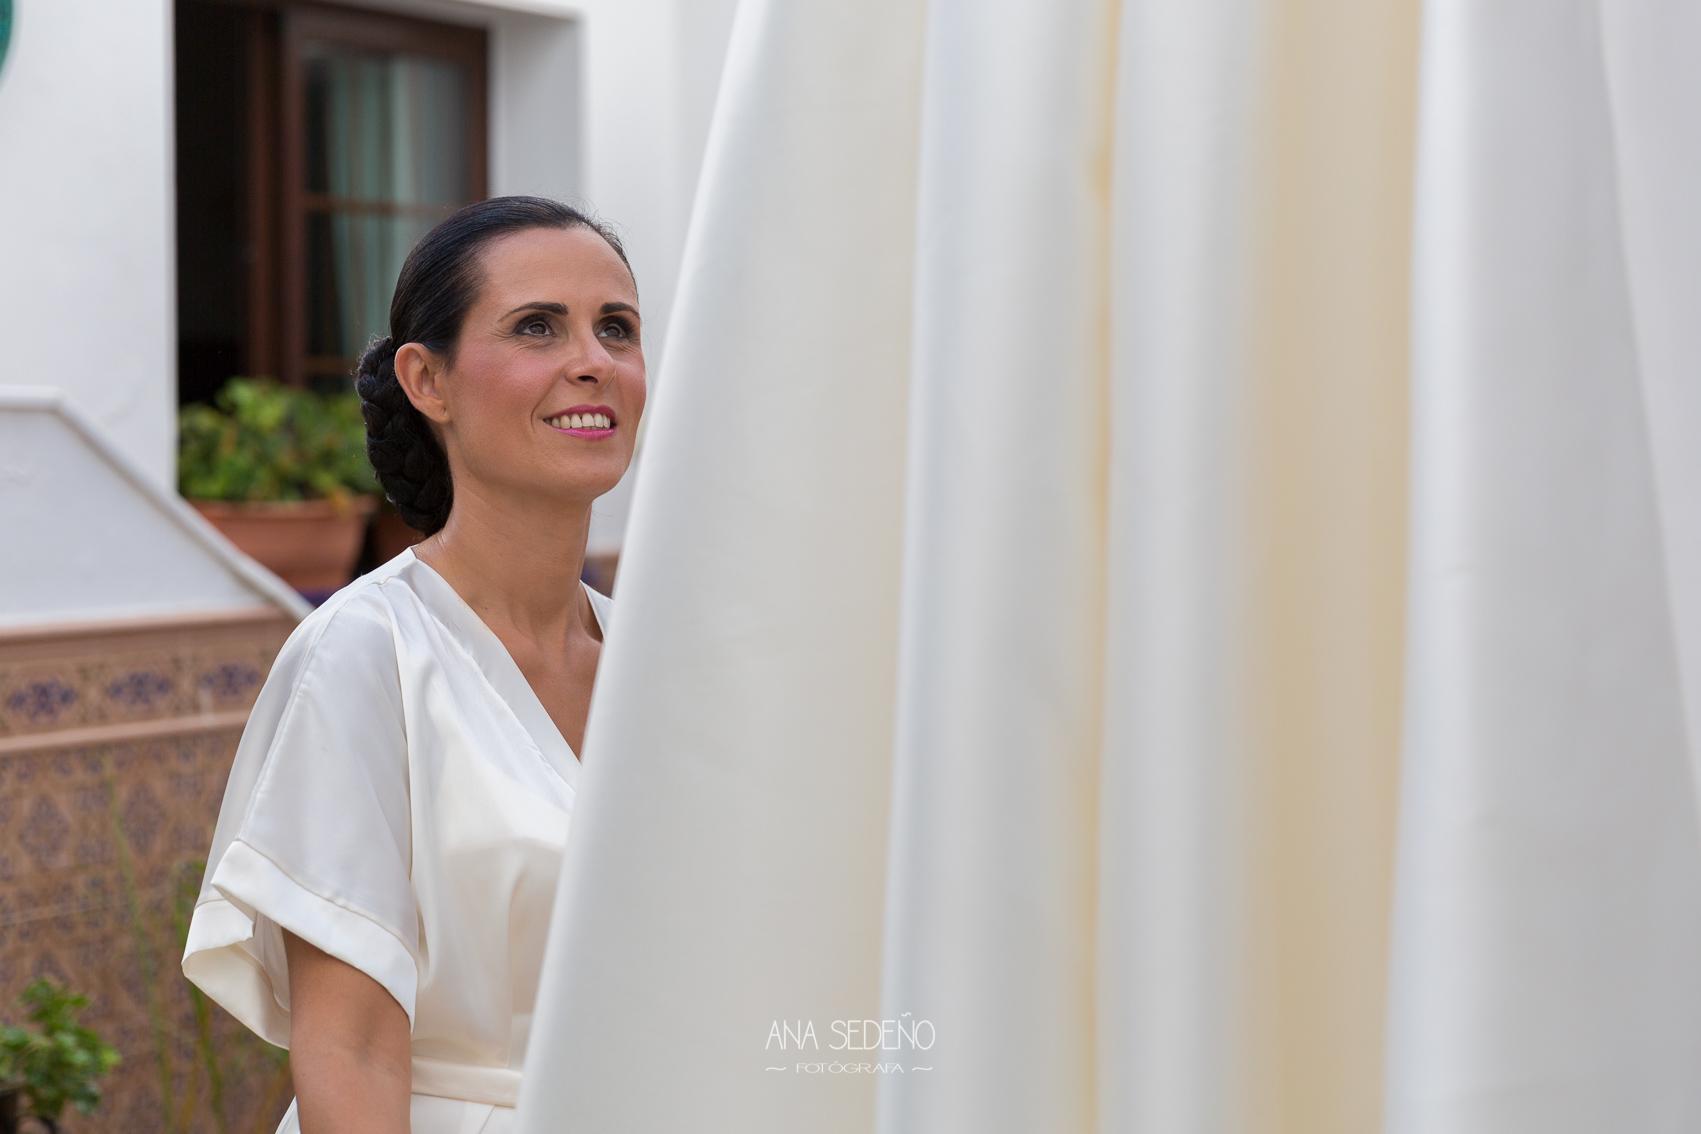 Ana Sedeño Fotografa.-BODA017